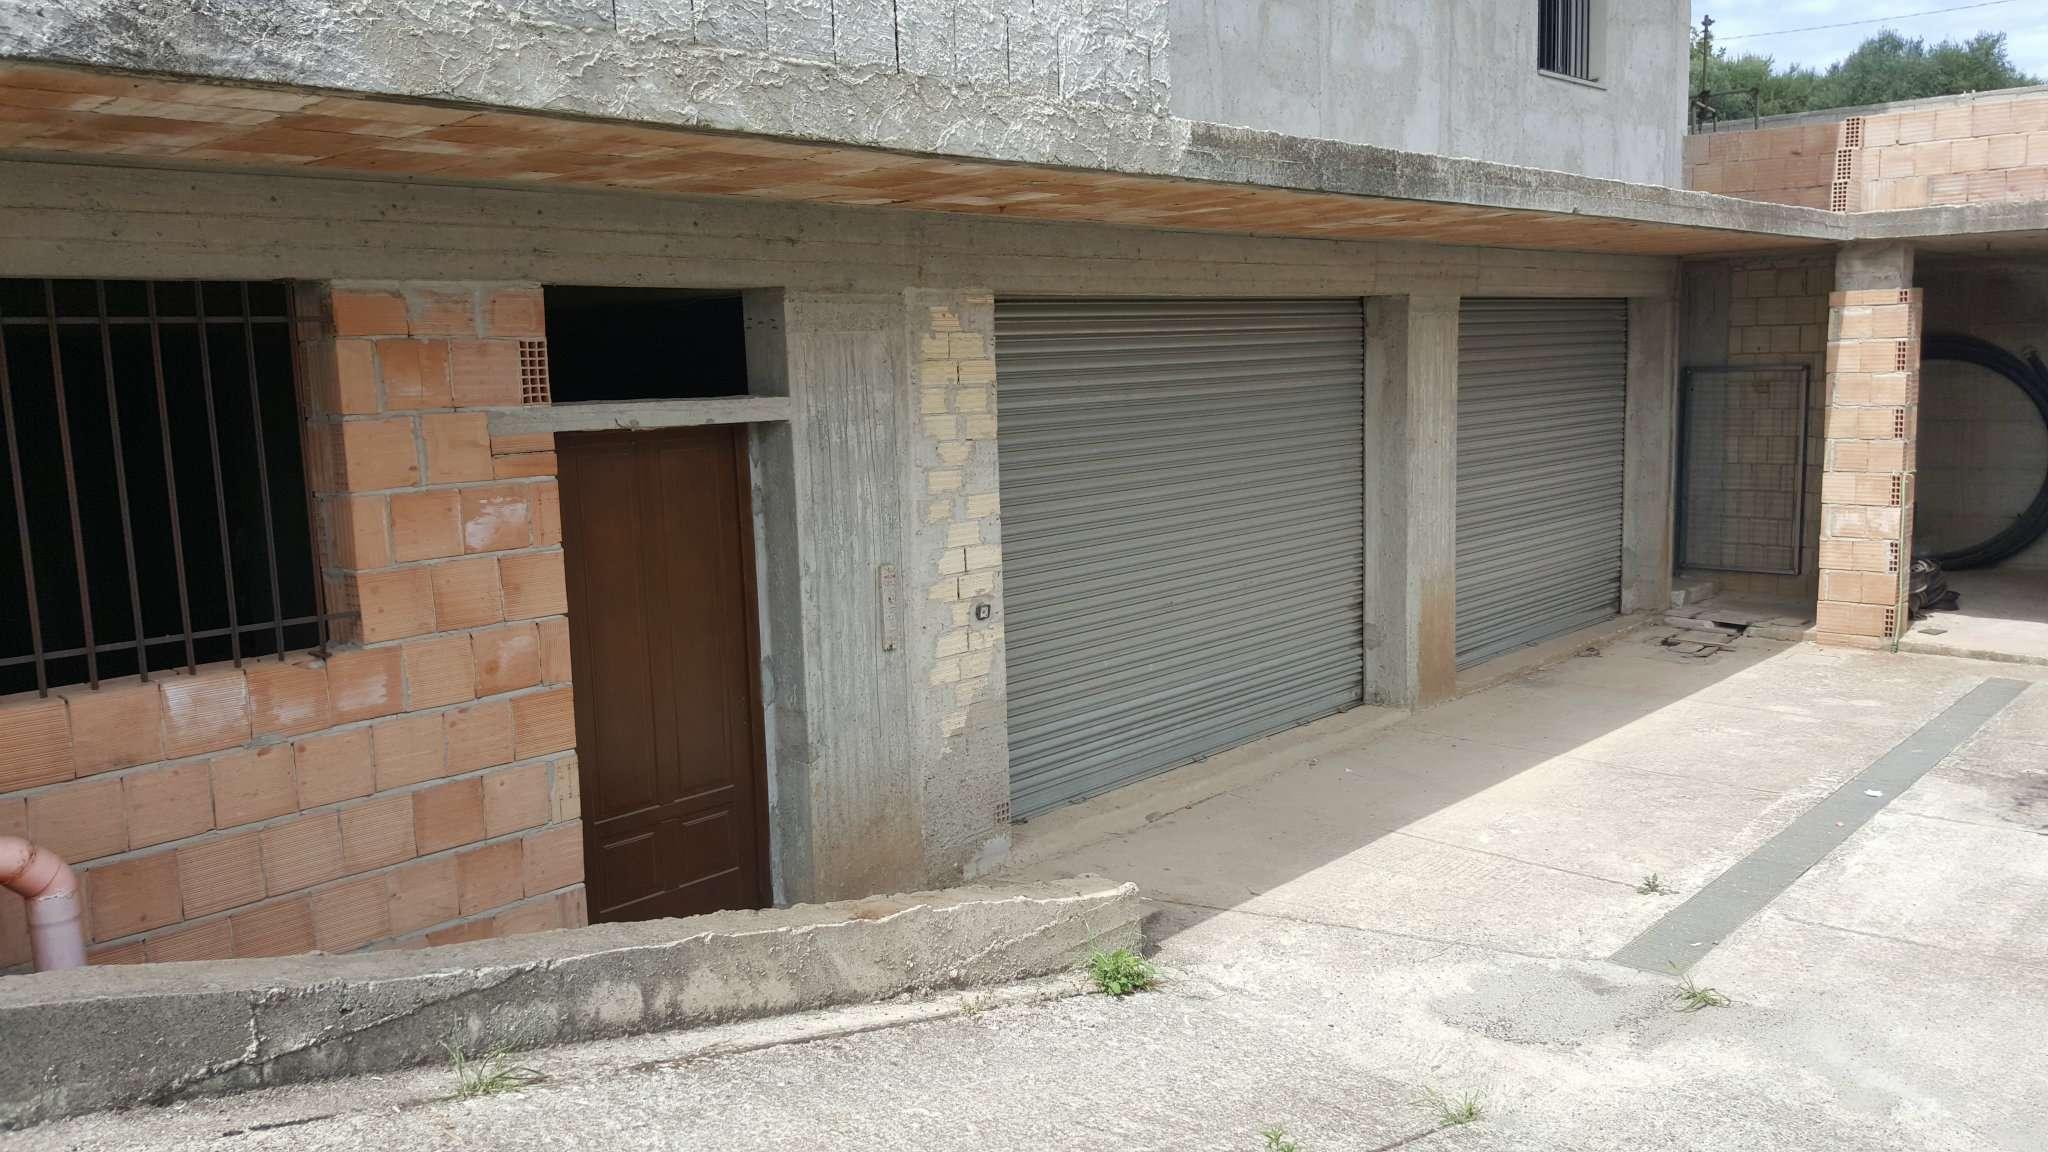 Magazzino-deposito Sant'Onofrio - Vibo Valentia Rif. 9069606